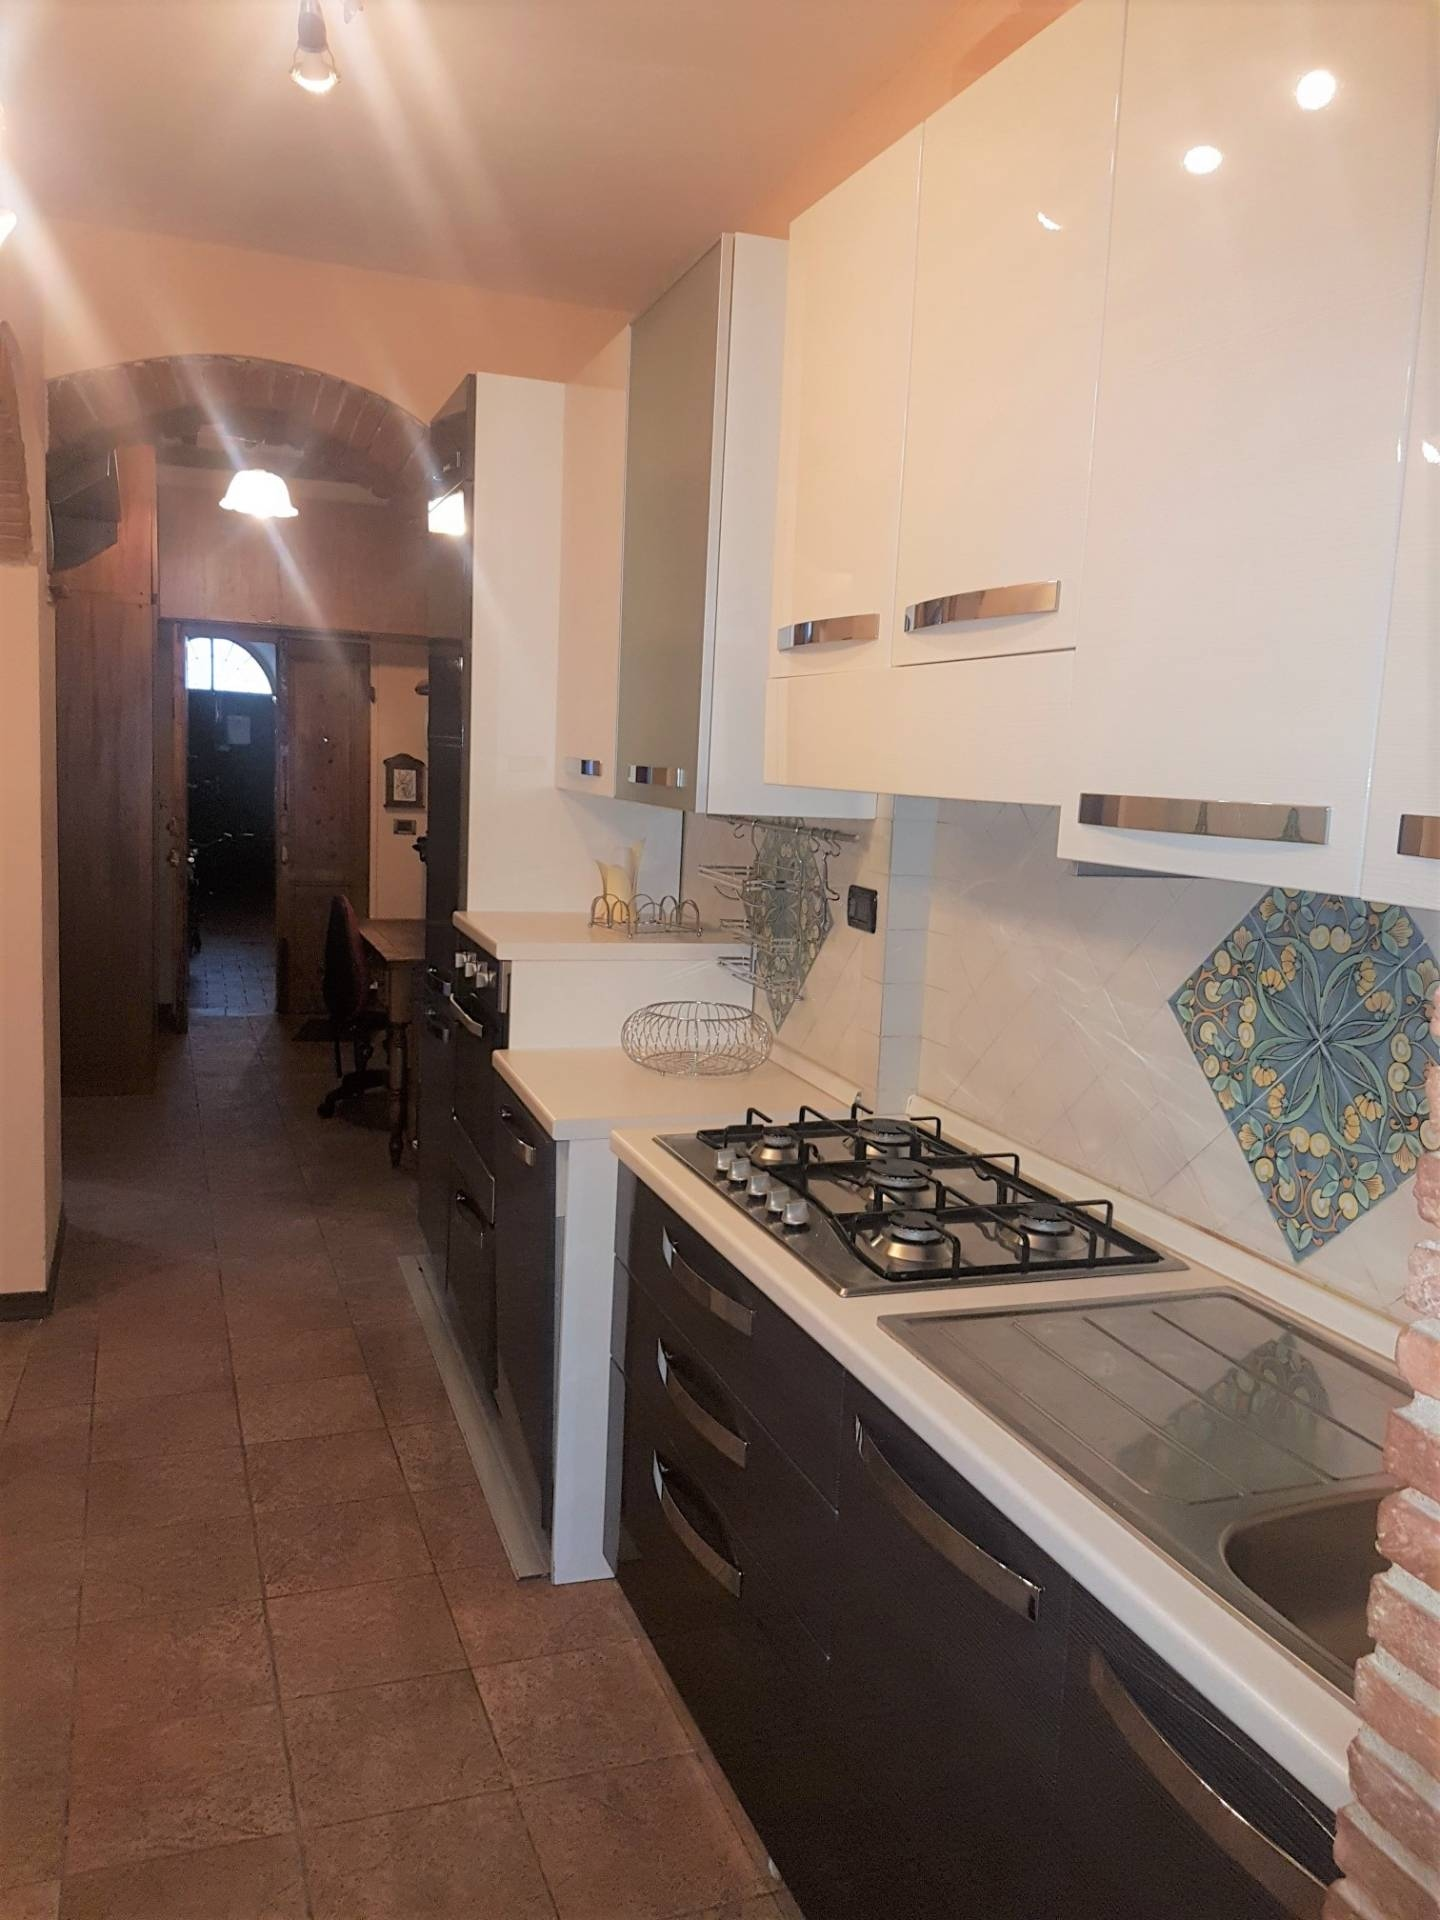 Appartamento in vendita, rif. v2340